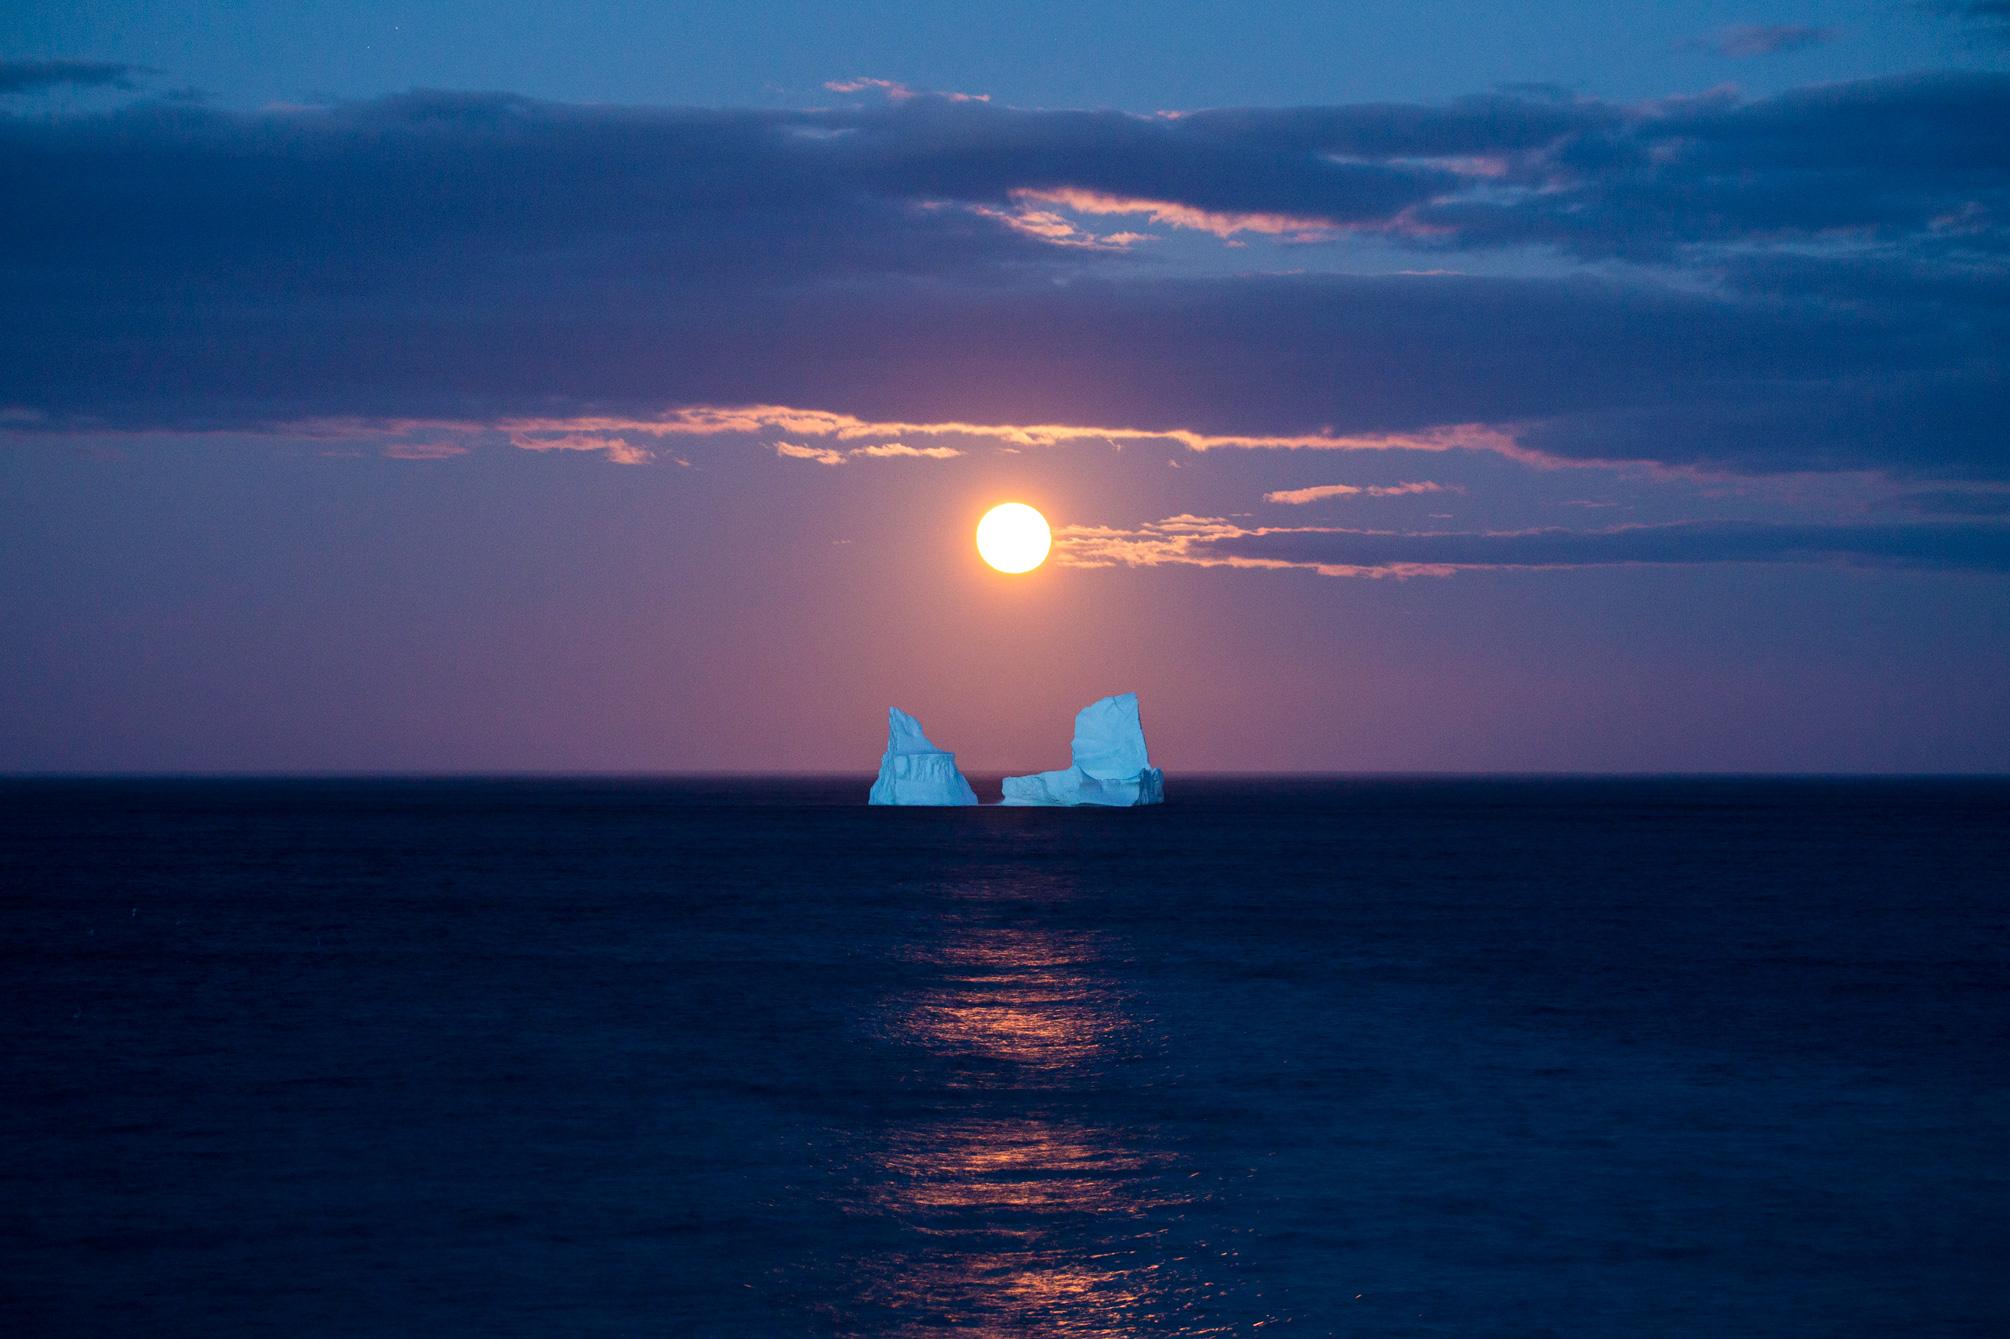 Iceberg-Under-Moonlight.jpg